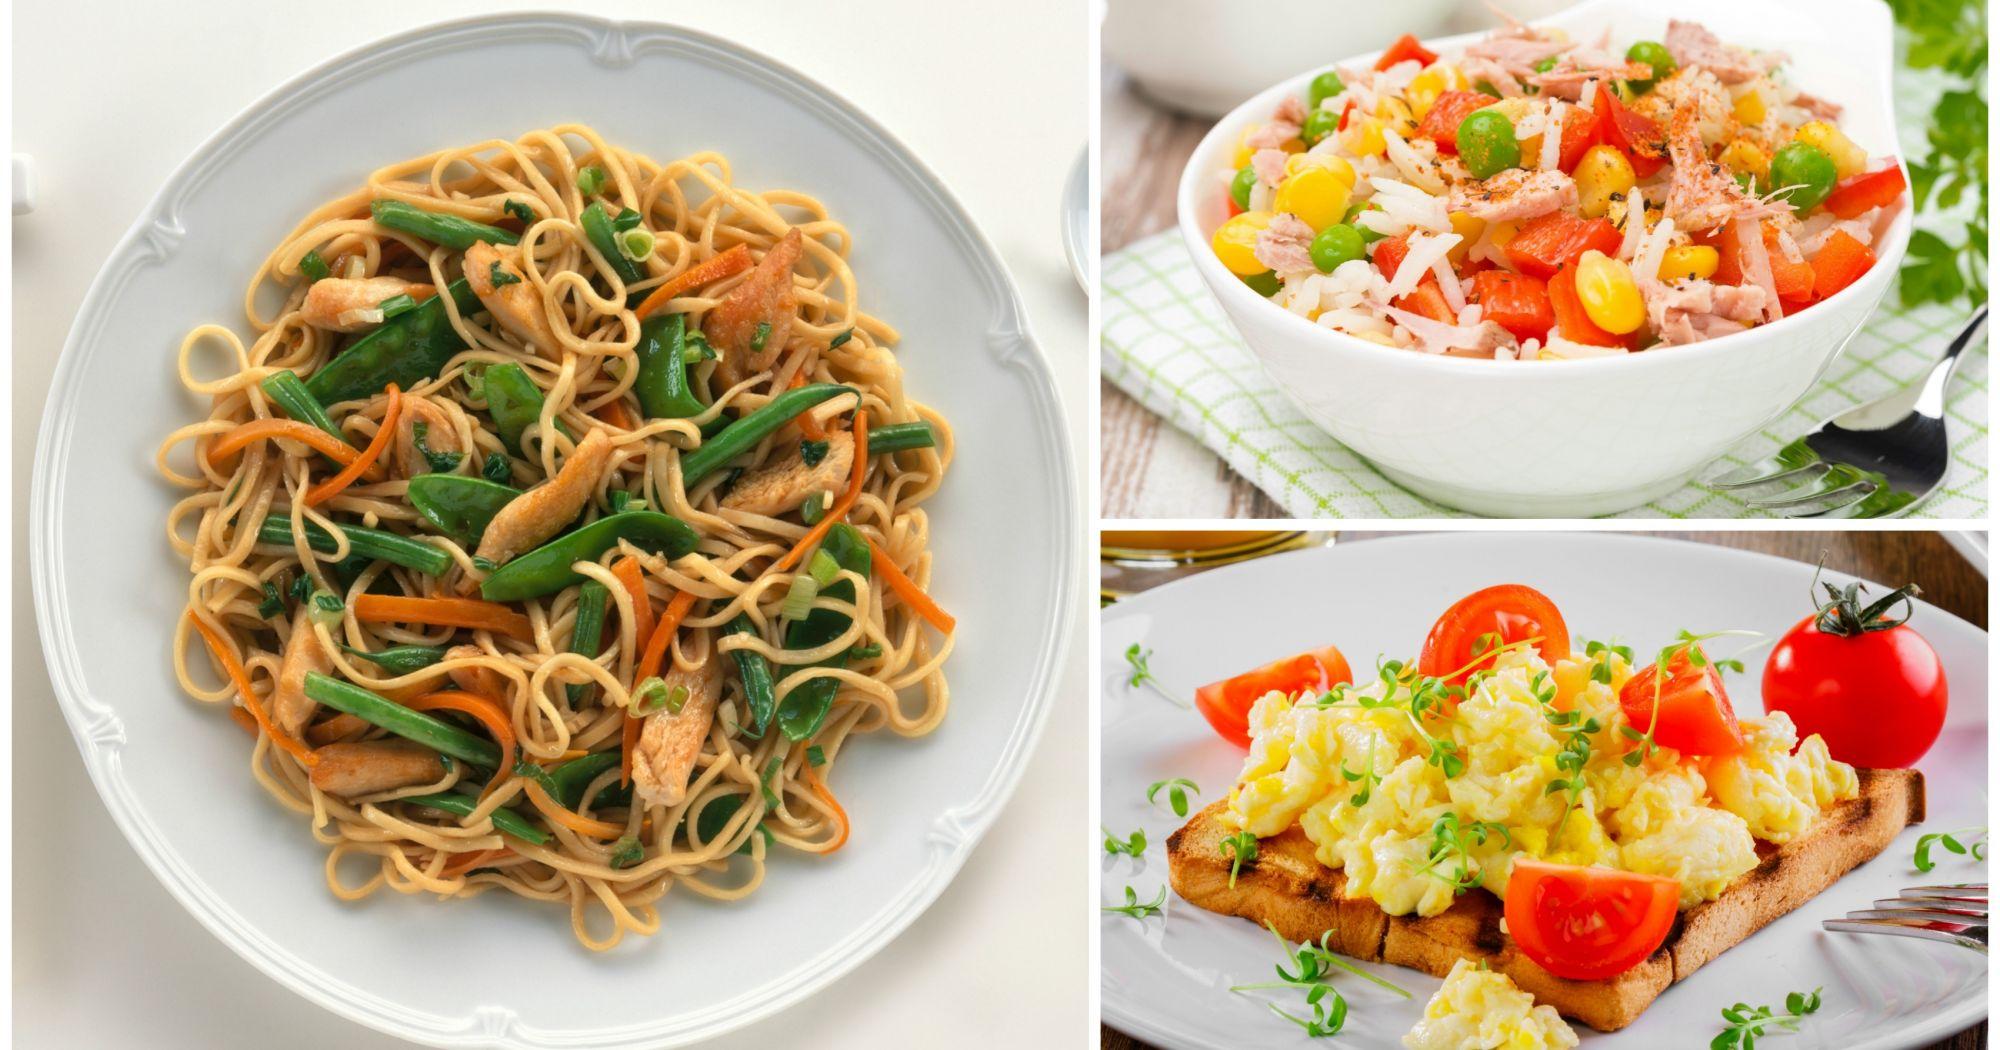 Ideas de platos f ciles y econ micos para hacer en menos - Platos originales y sencillos ...